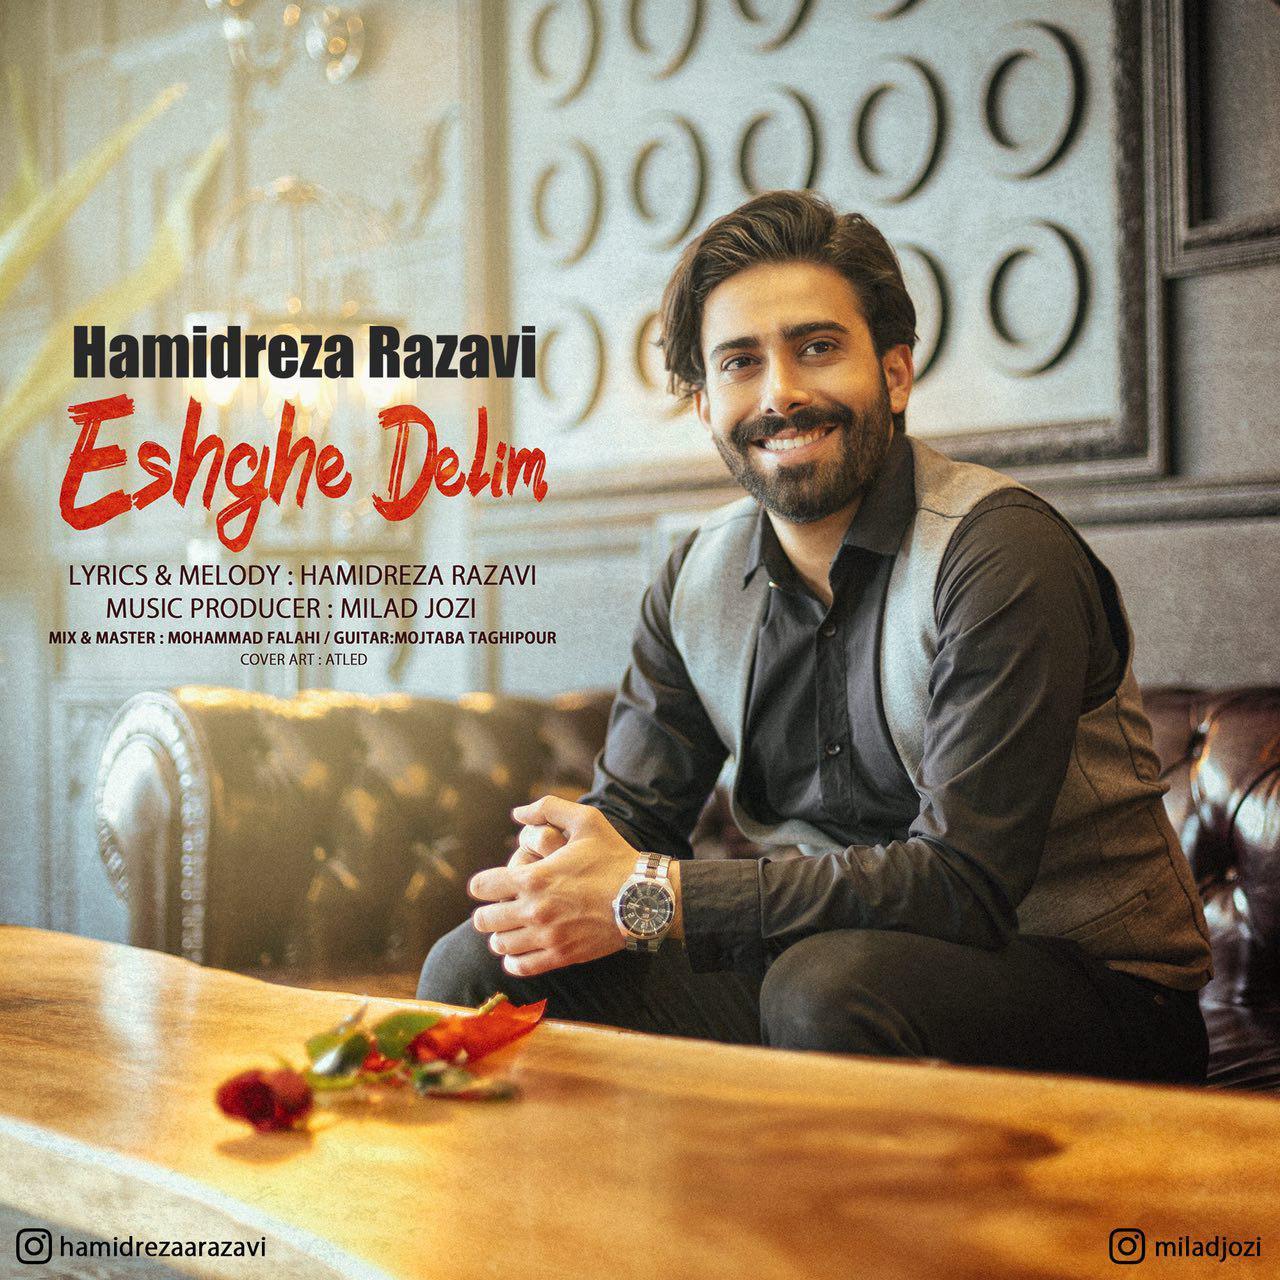 Hamidreza Razavi – Eshghe Delim